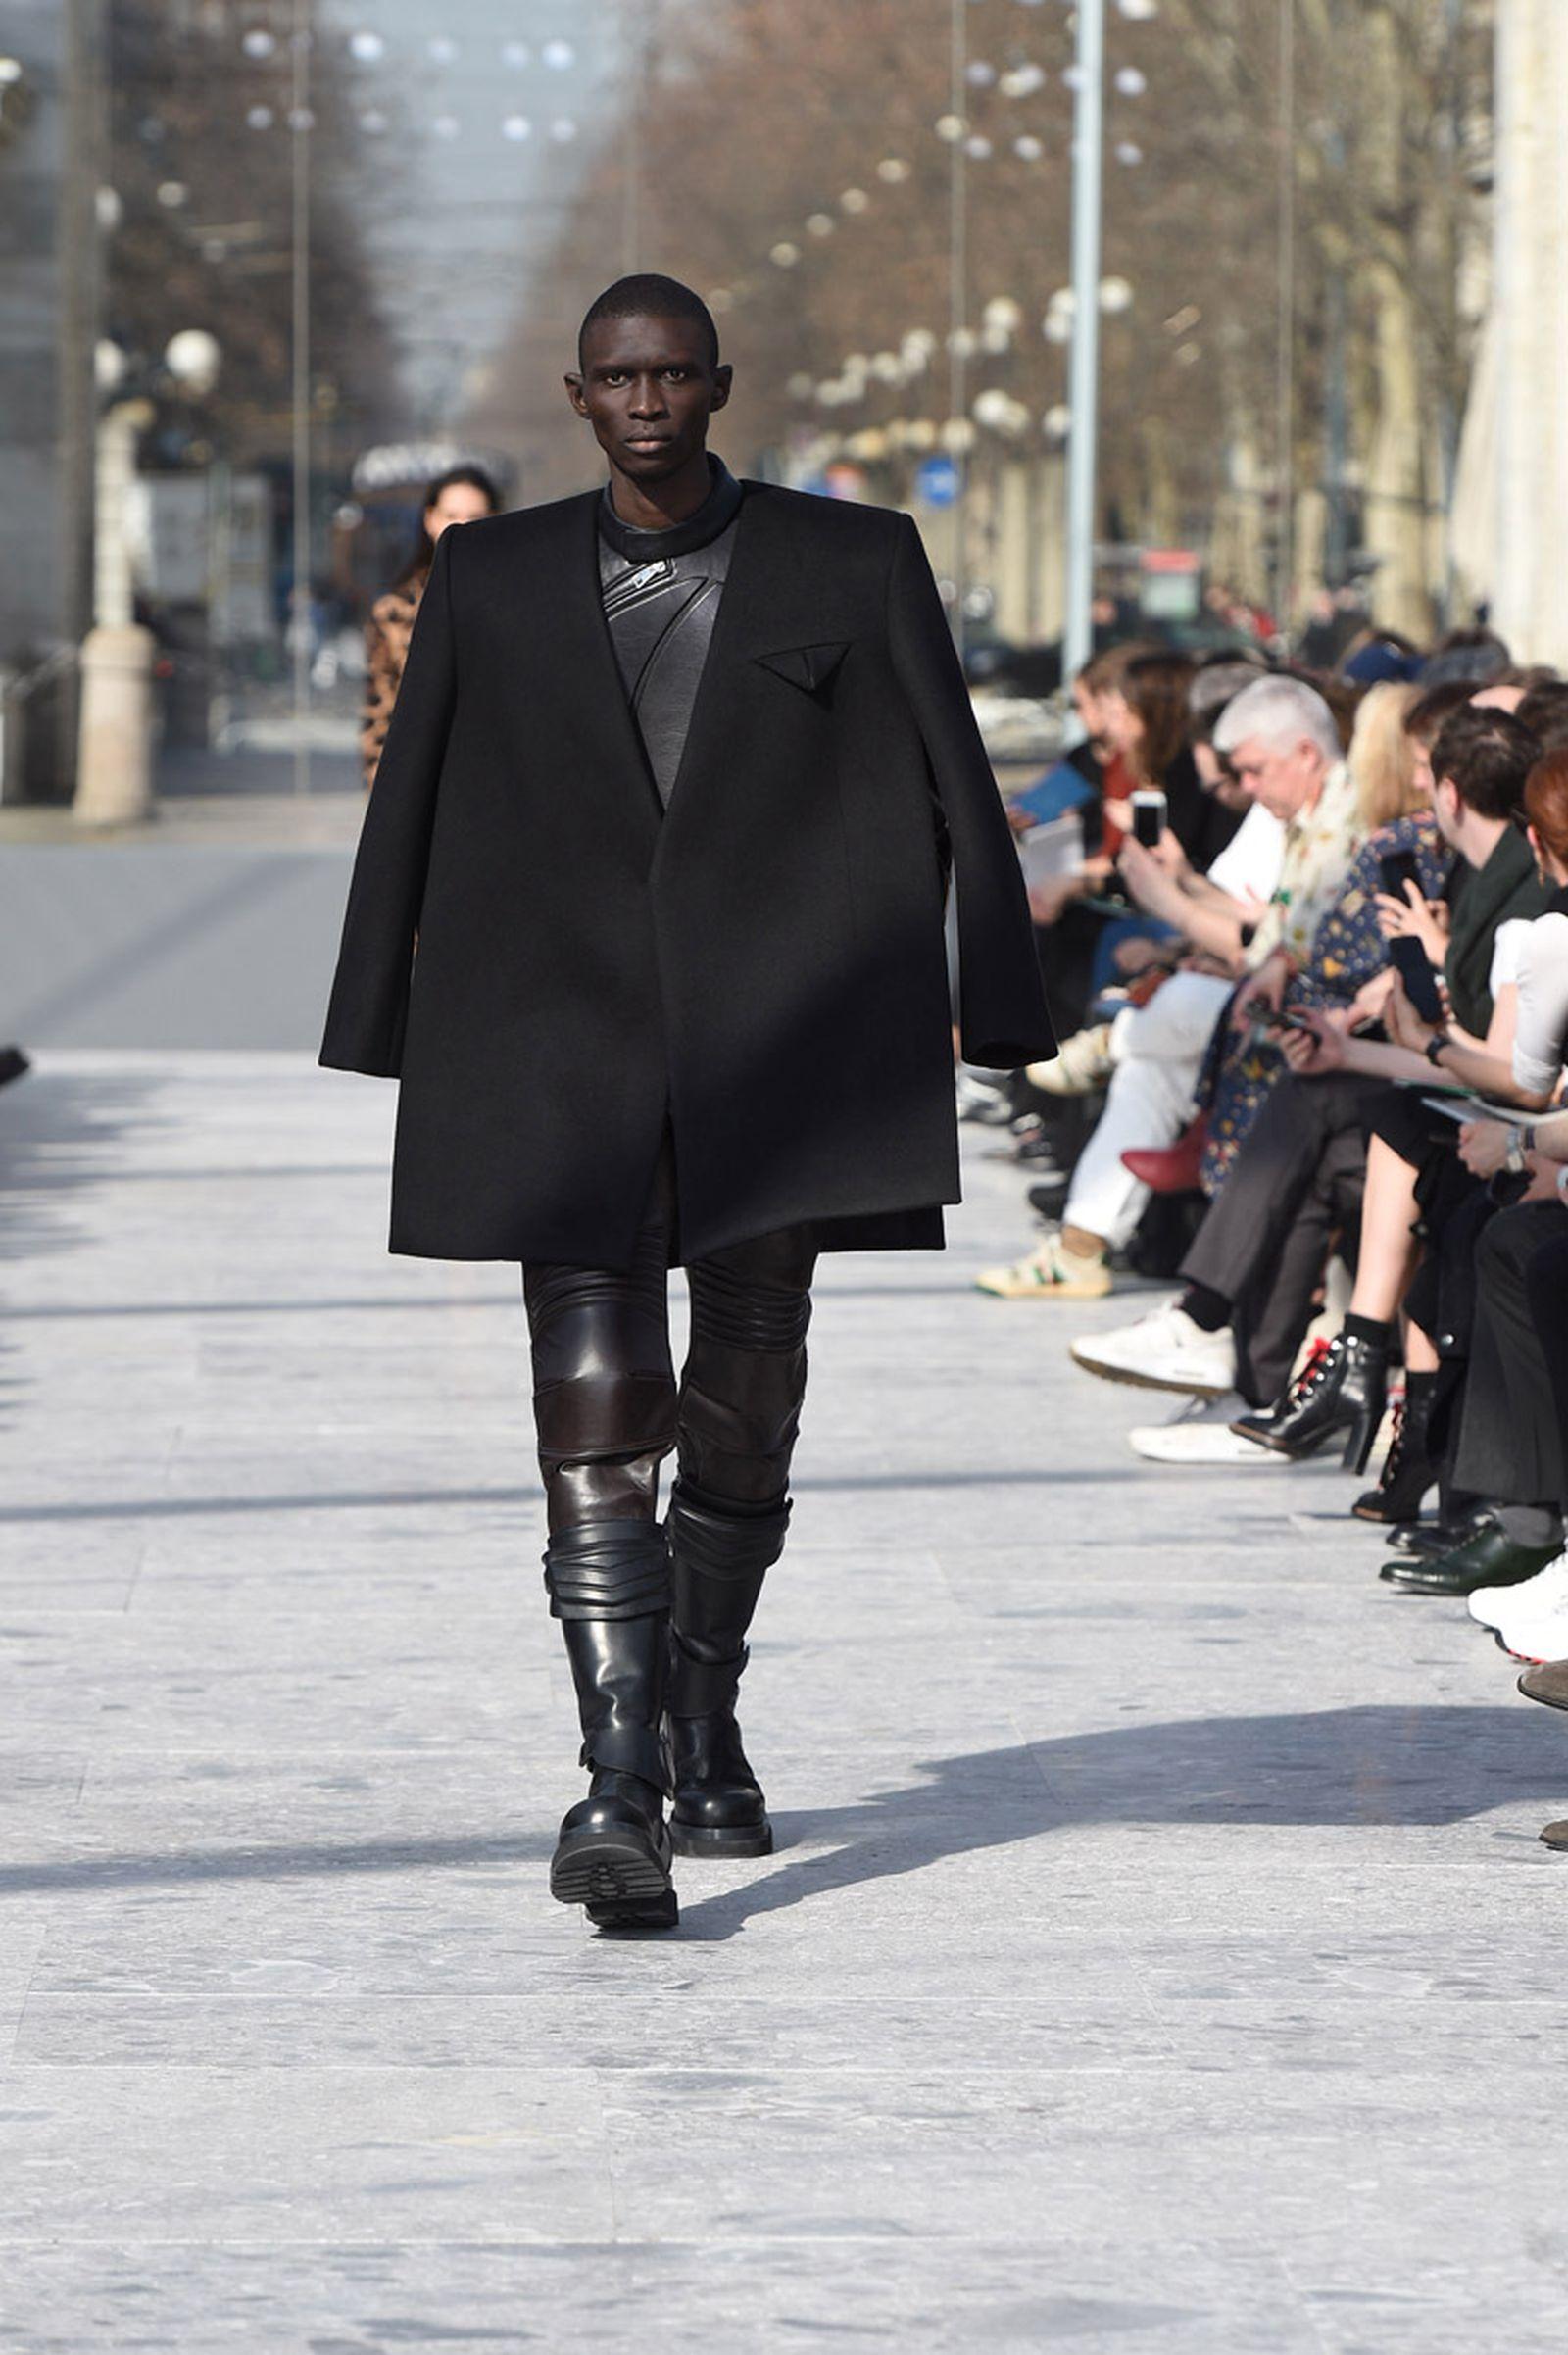 bottega-veneta-is-bringing-timeless-luxury-back-to-fashion-05